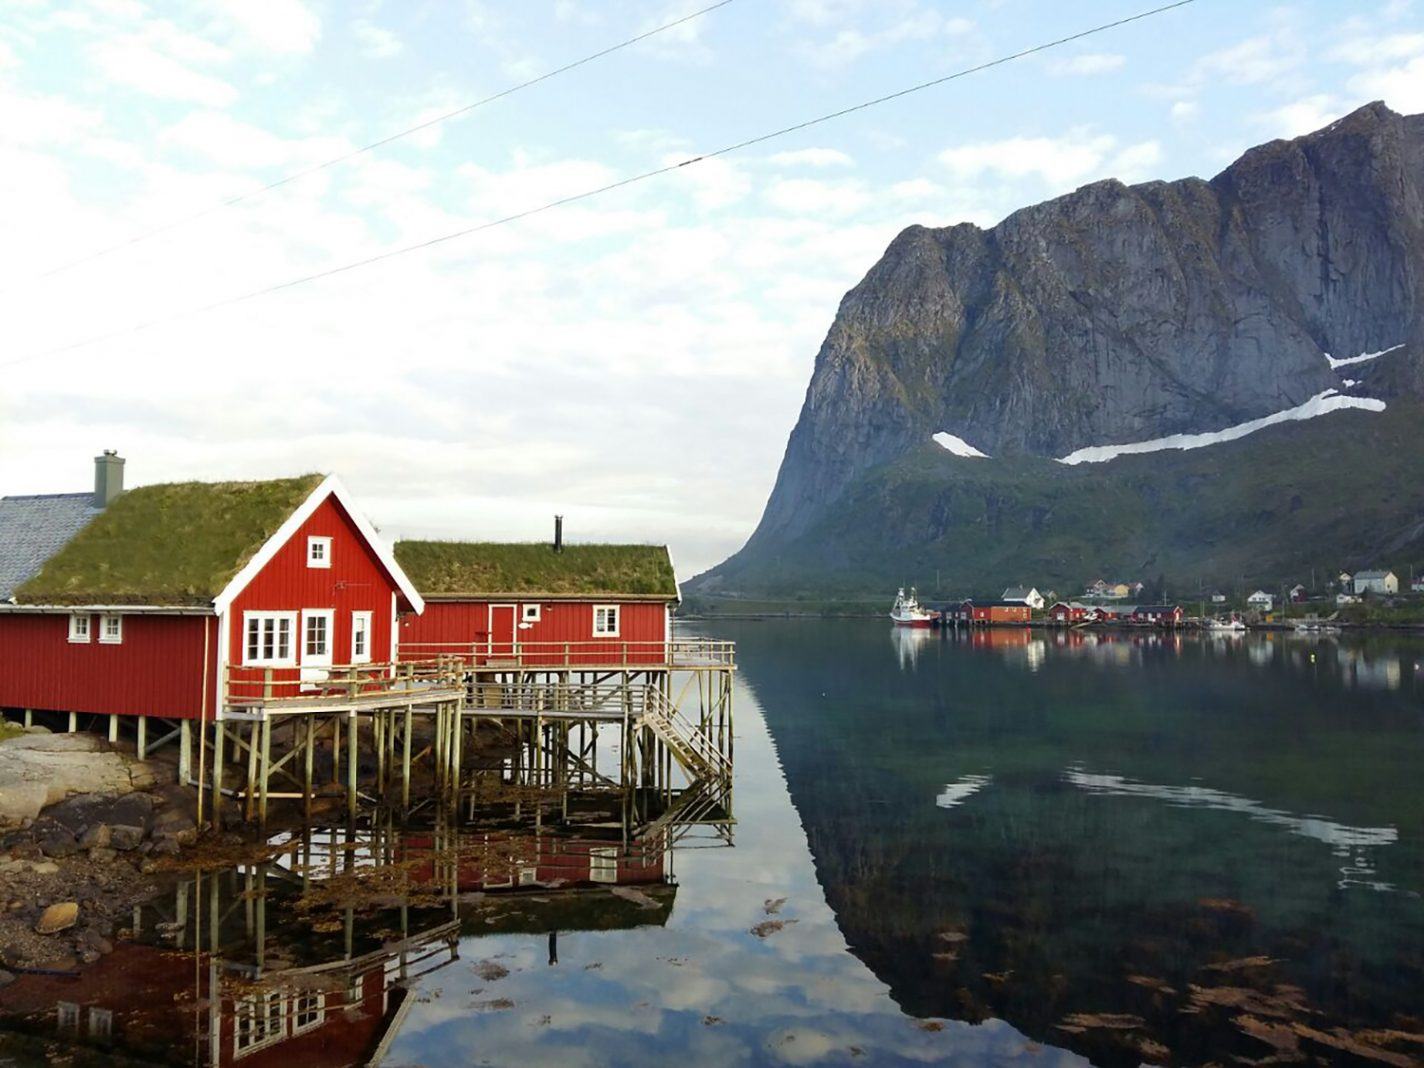 Rode vissershuisjes tegenover hoge bergen